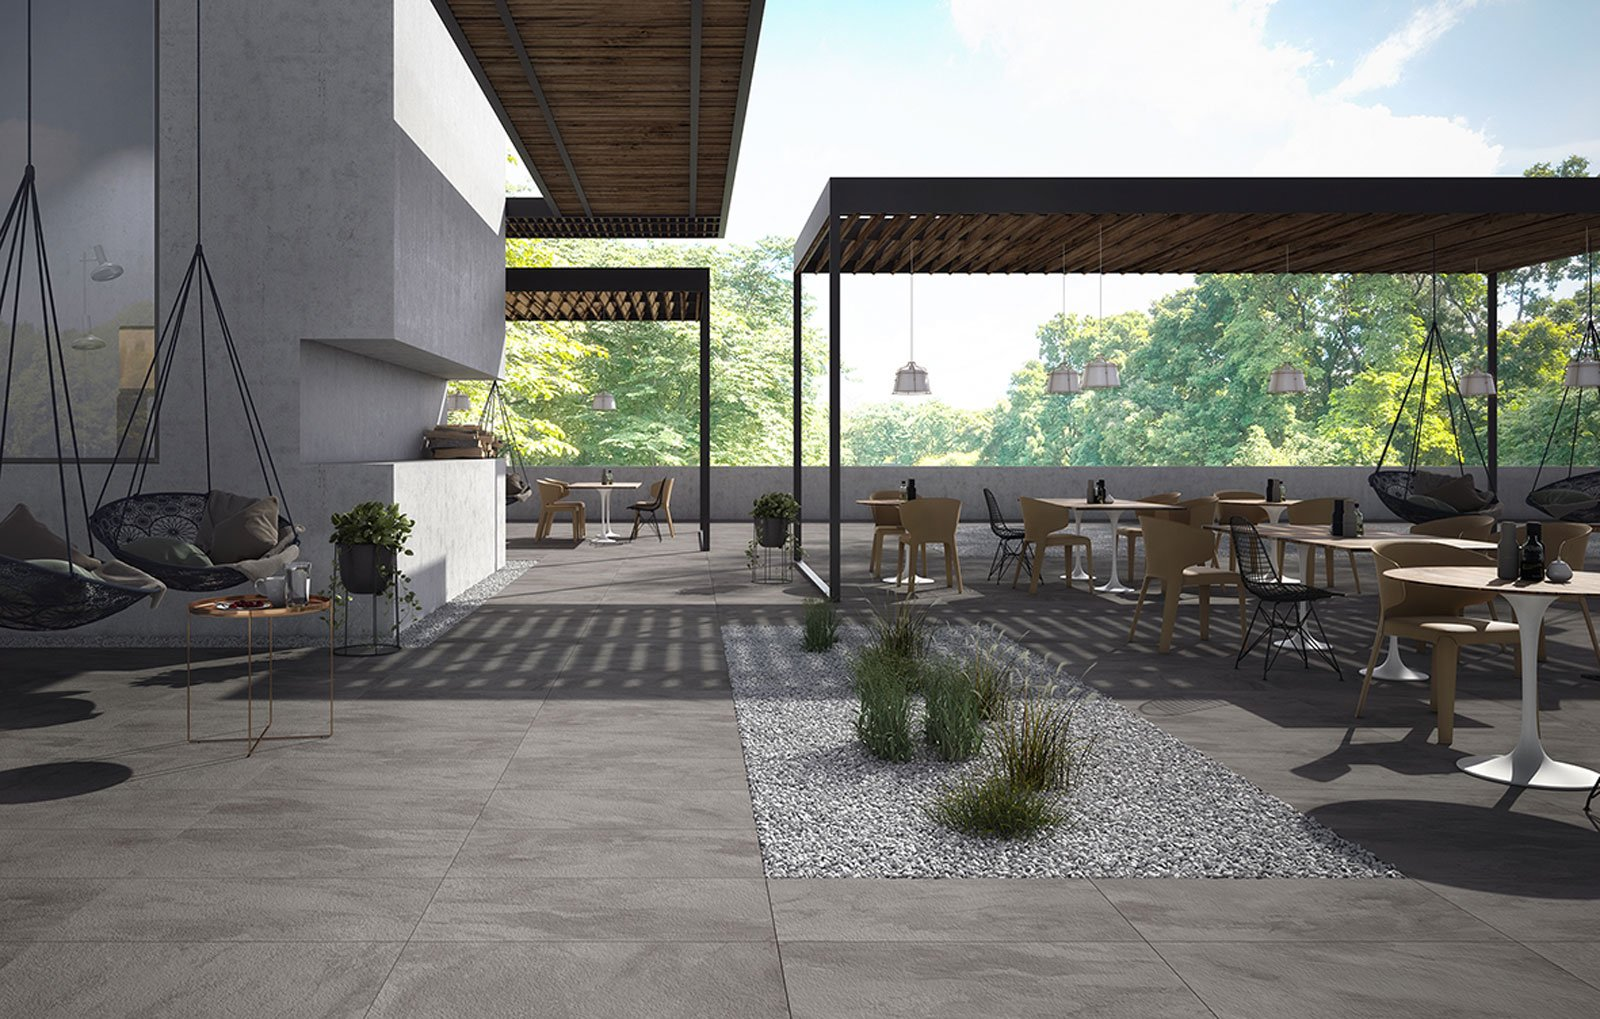 Gres porcellanato il pi facile dei pavimenti esterni for Mattonelle per esterno